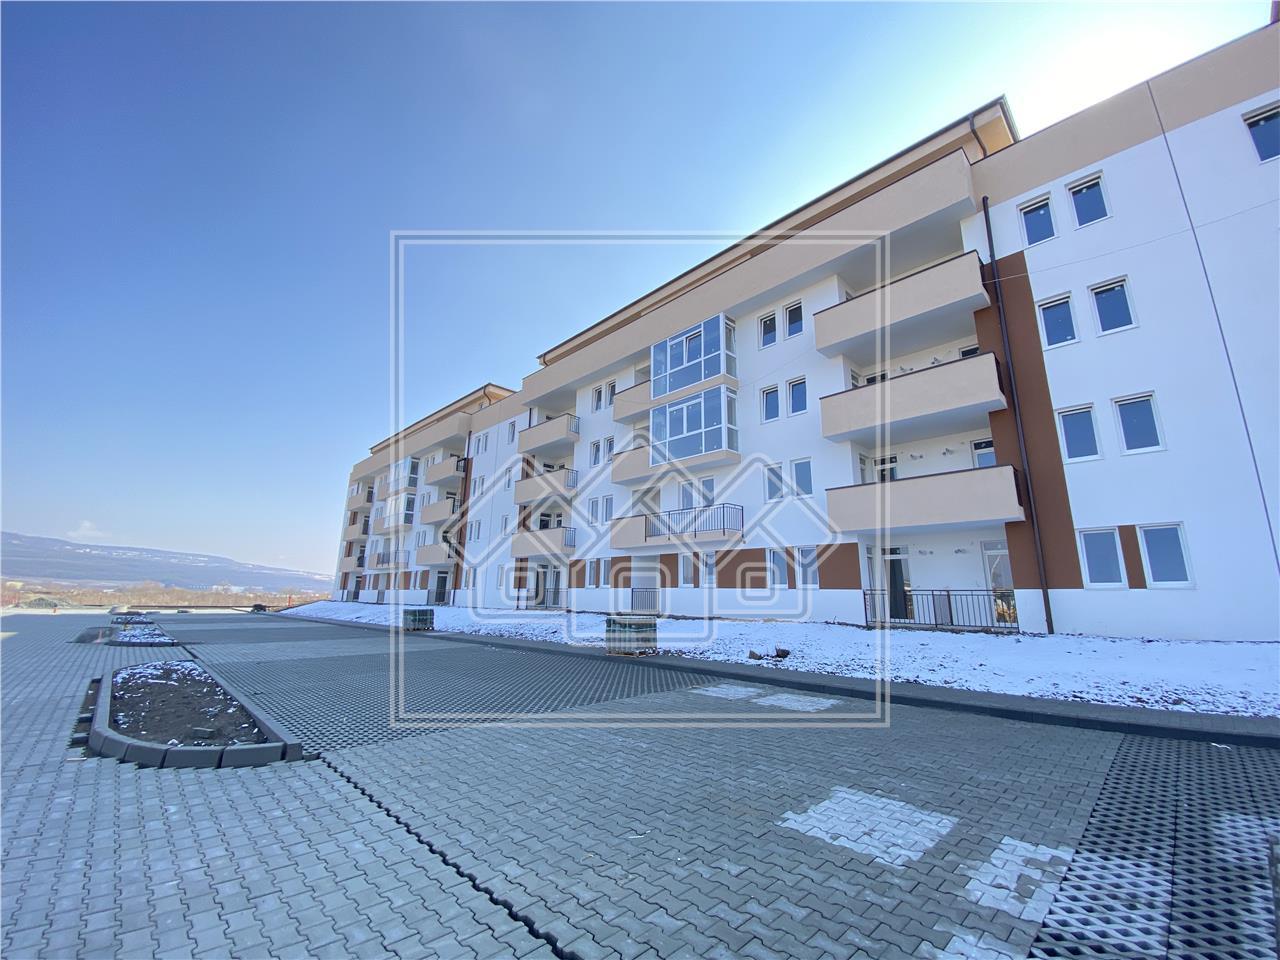 Garsoniera de vanzare in Sibiu- 40 mp utili +terasa mare de 45 mp